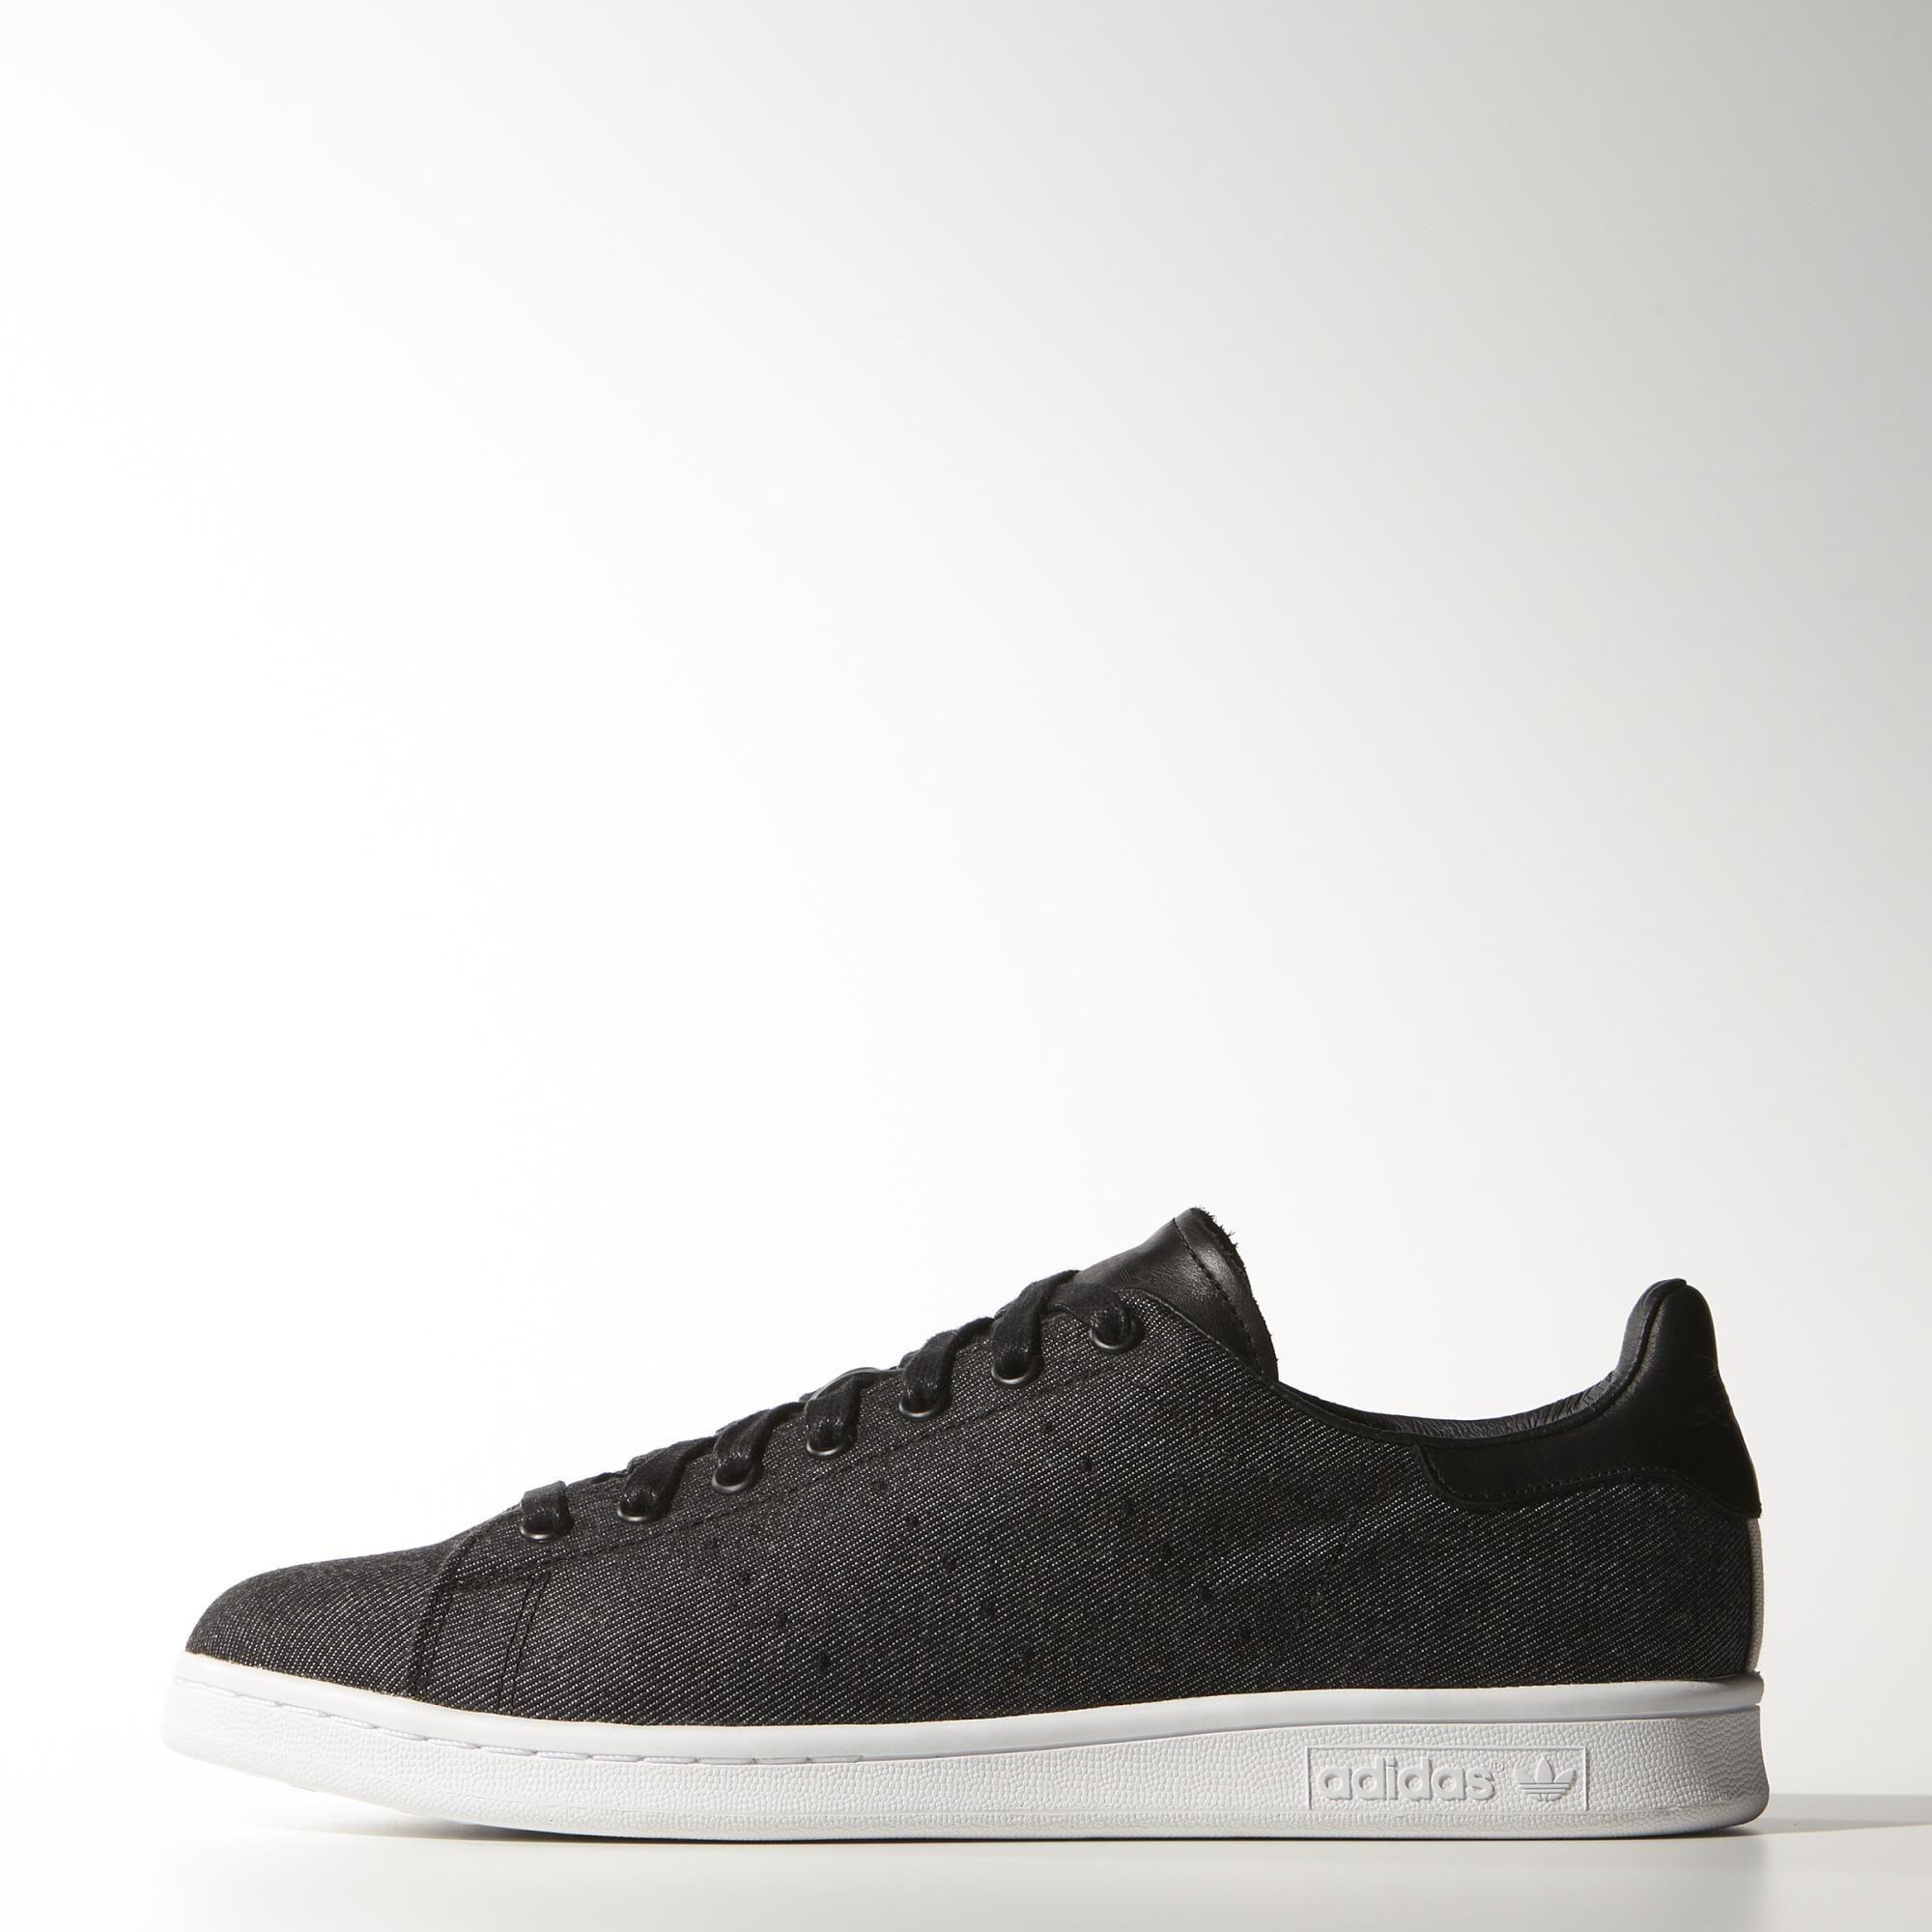 adidas stan smith (m17150) tag: basso sopra le scarpe da ginnastica, nero, jeans